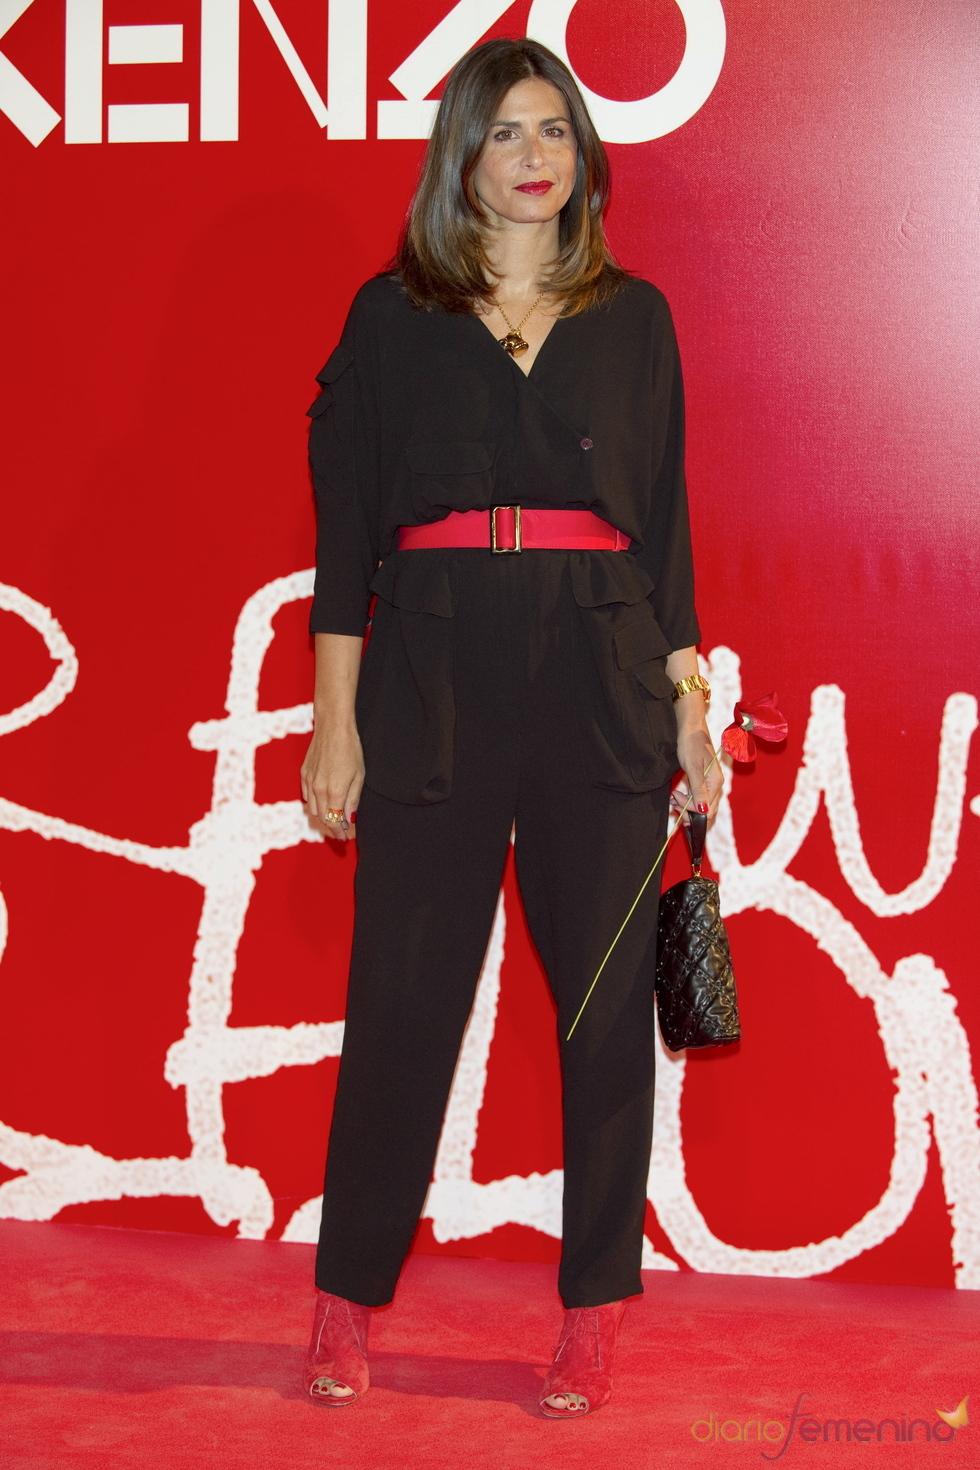 Nuria Roca en la fiesta de verano Kenzo 2011